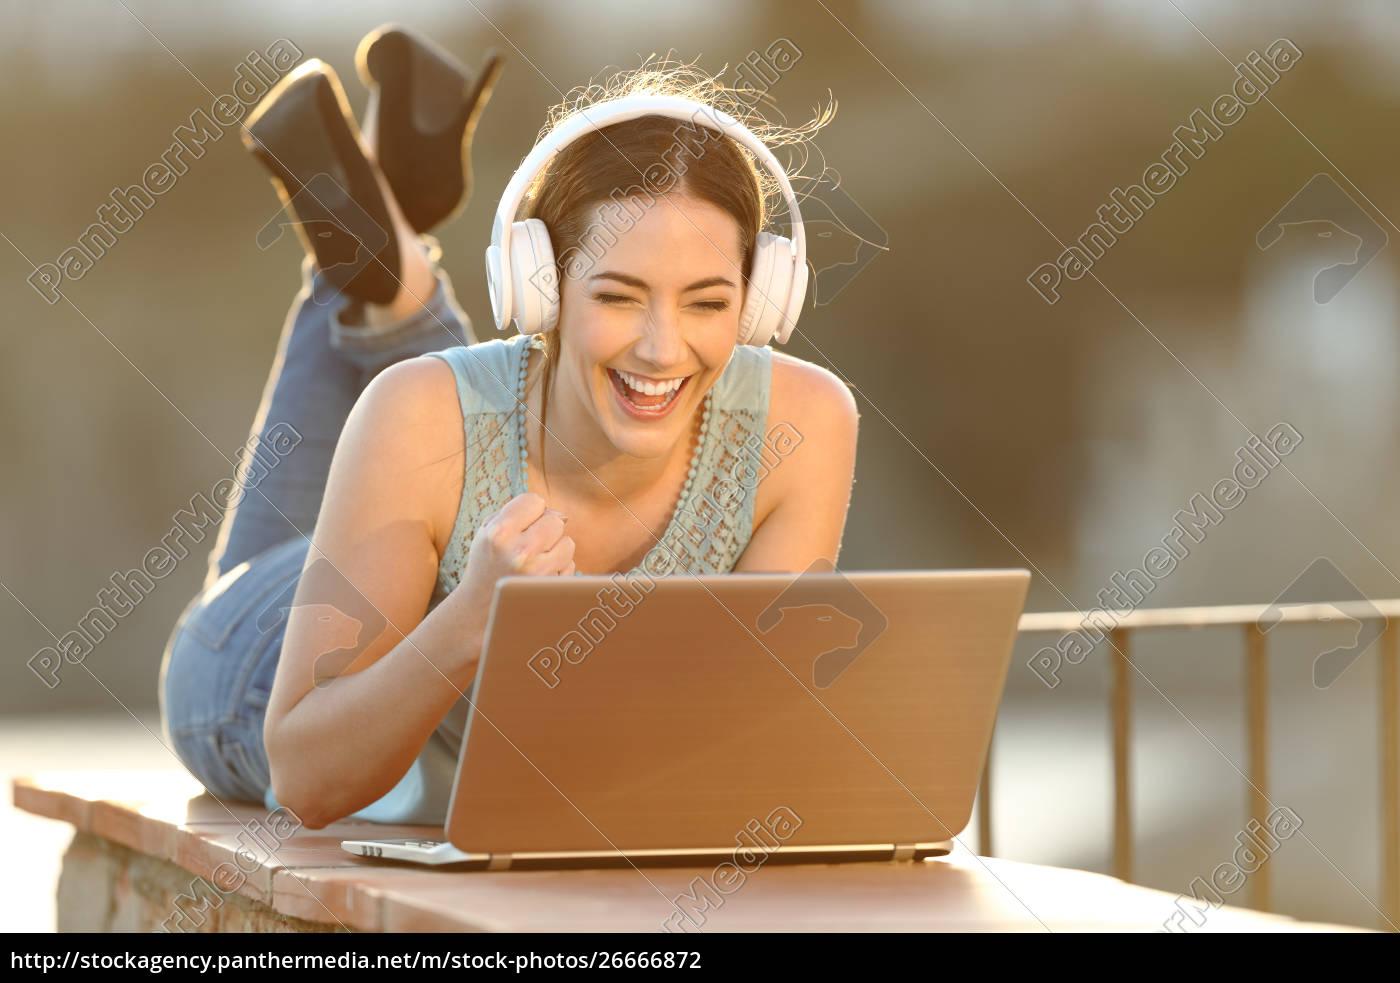 spændt, pige, iført, hovedtelefoner, ser, medier - 26666872